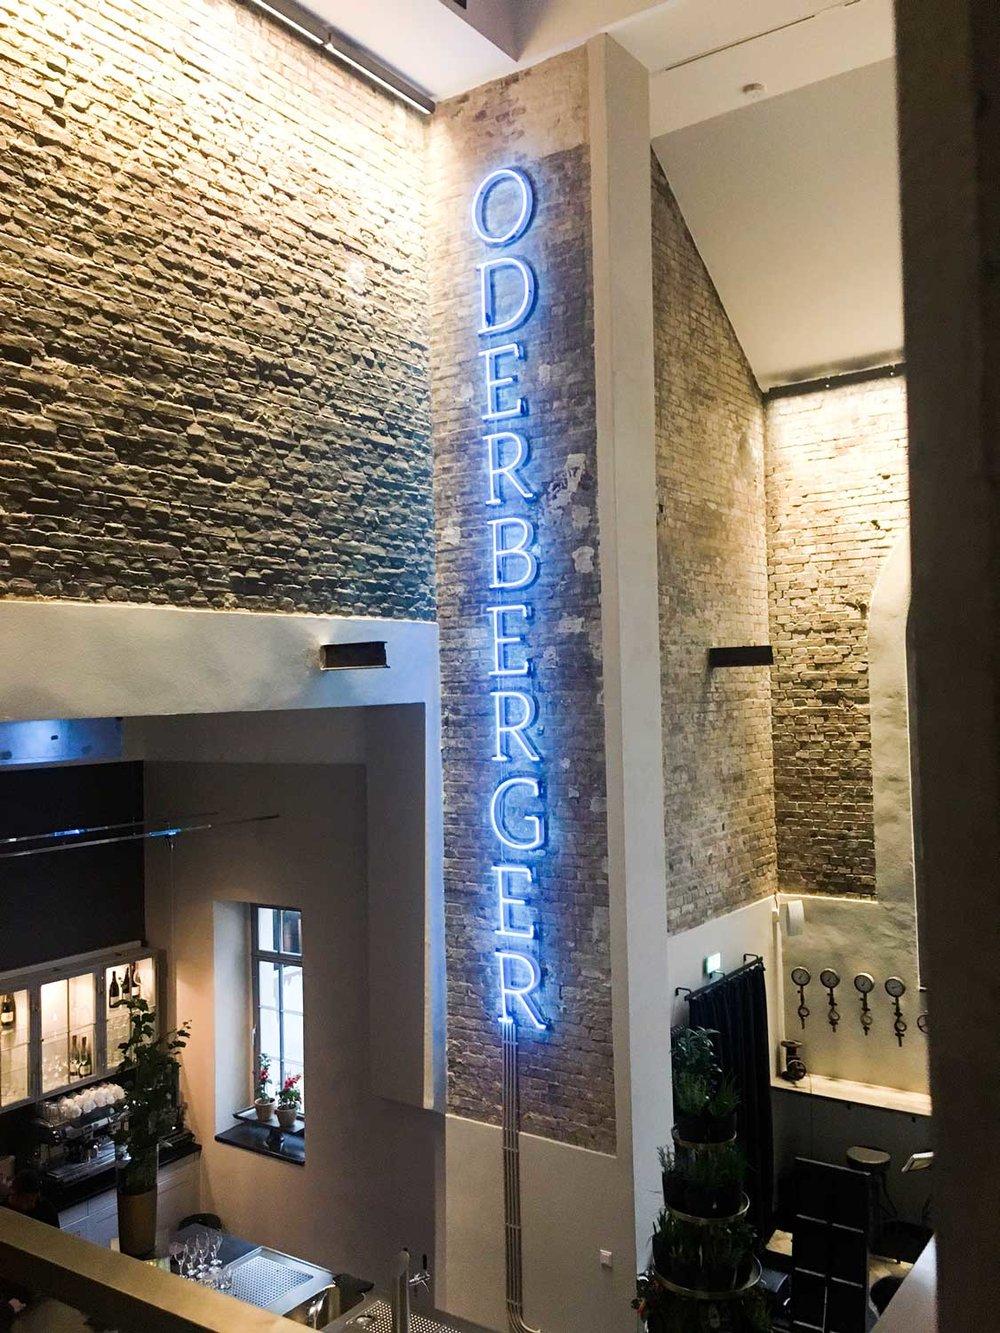 Hotel Oderberger Heizraum